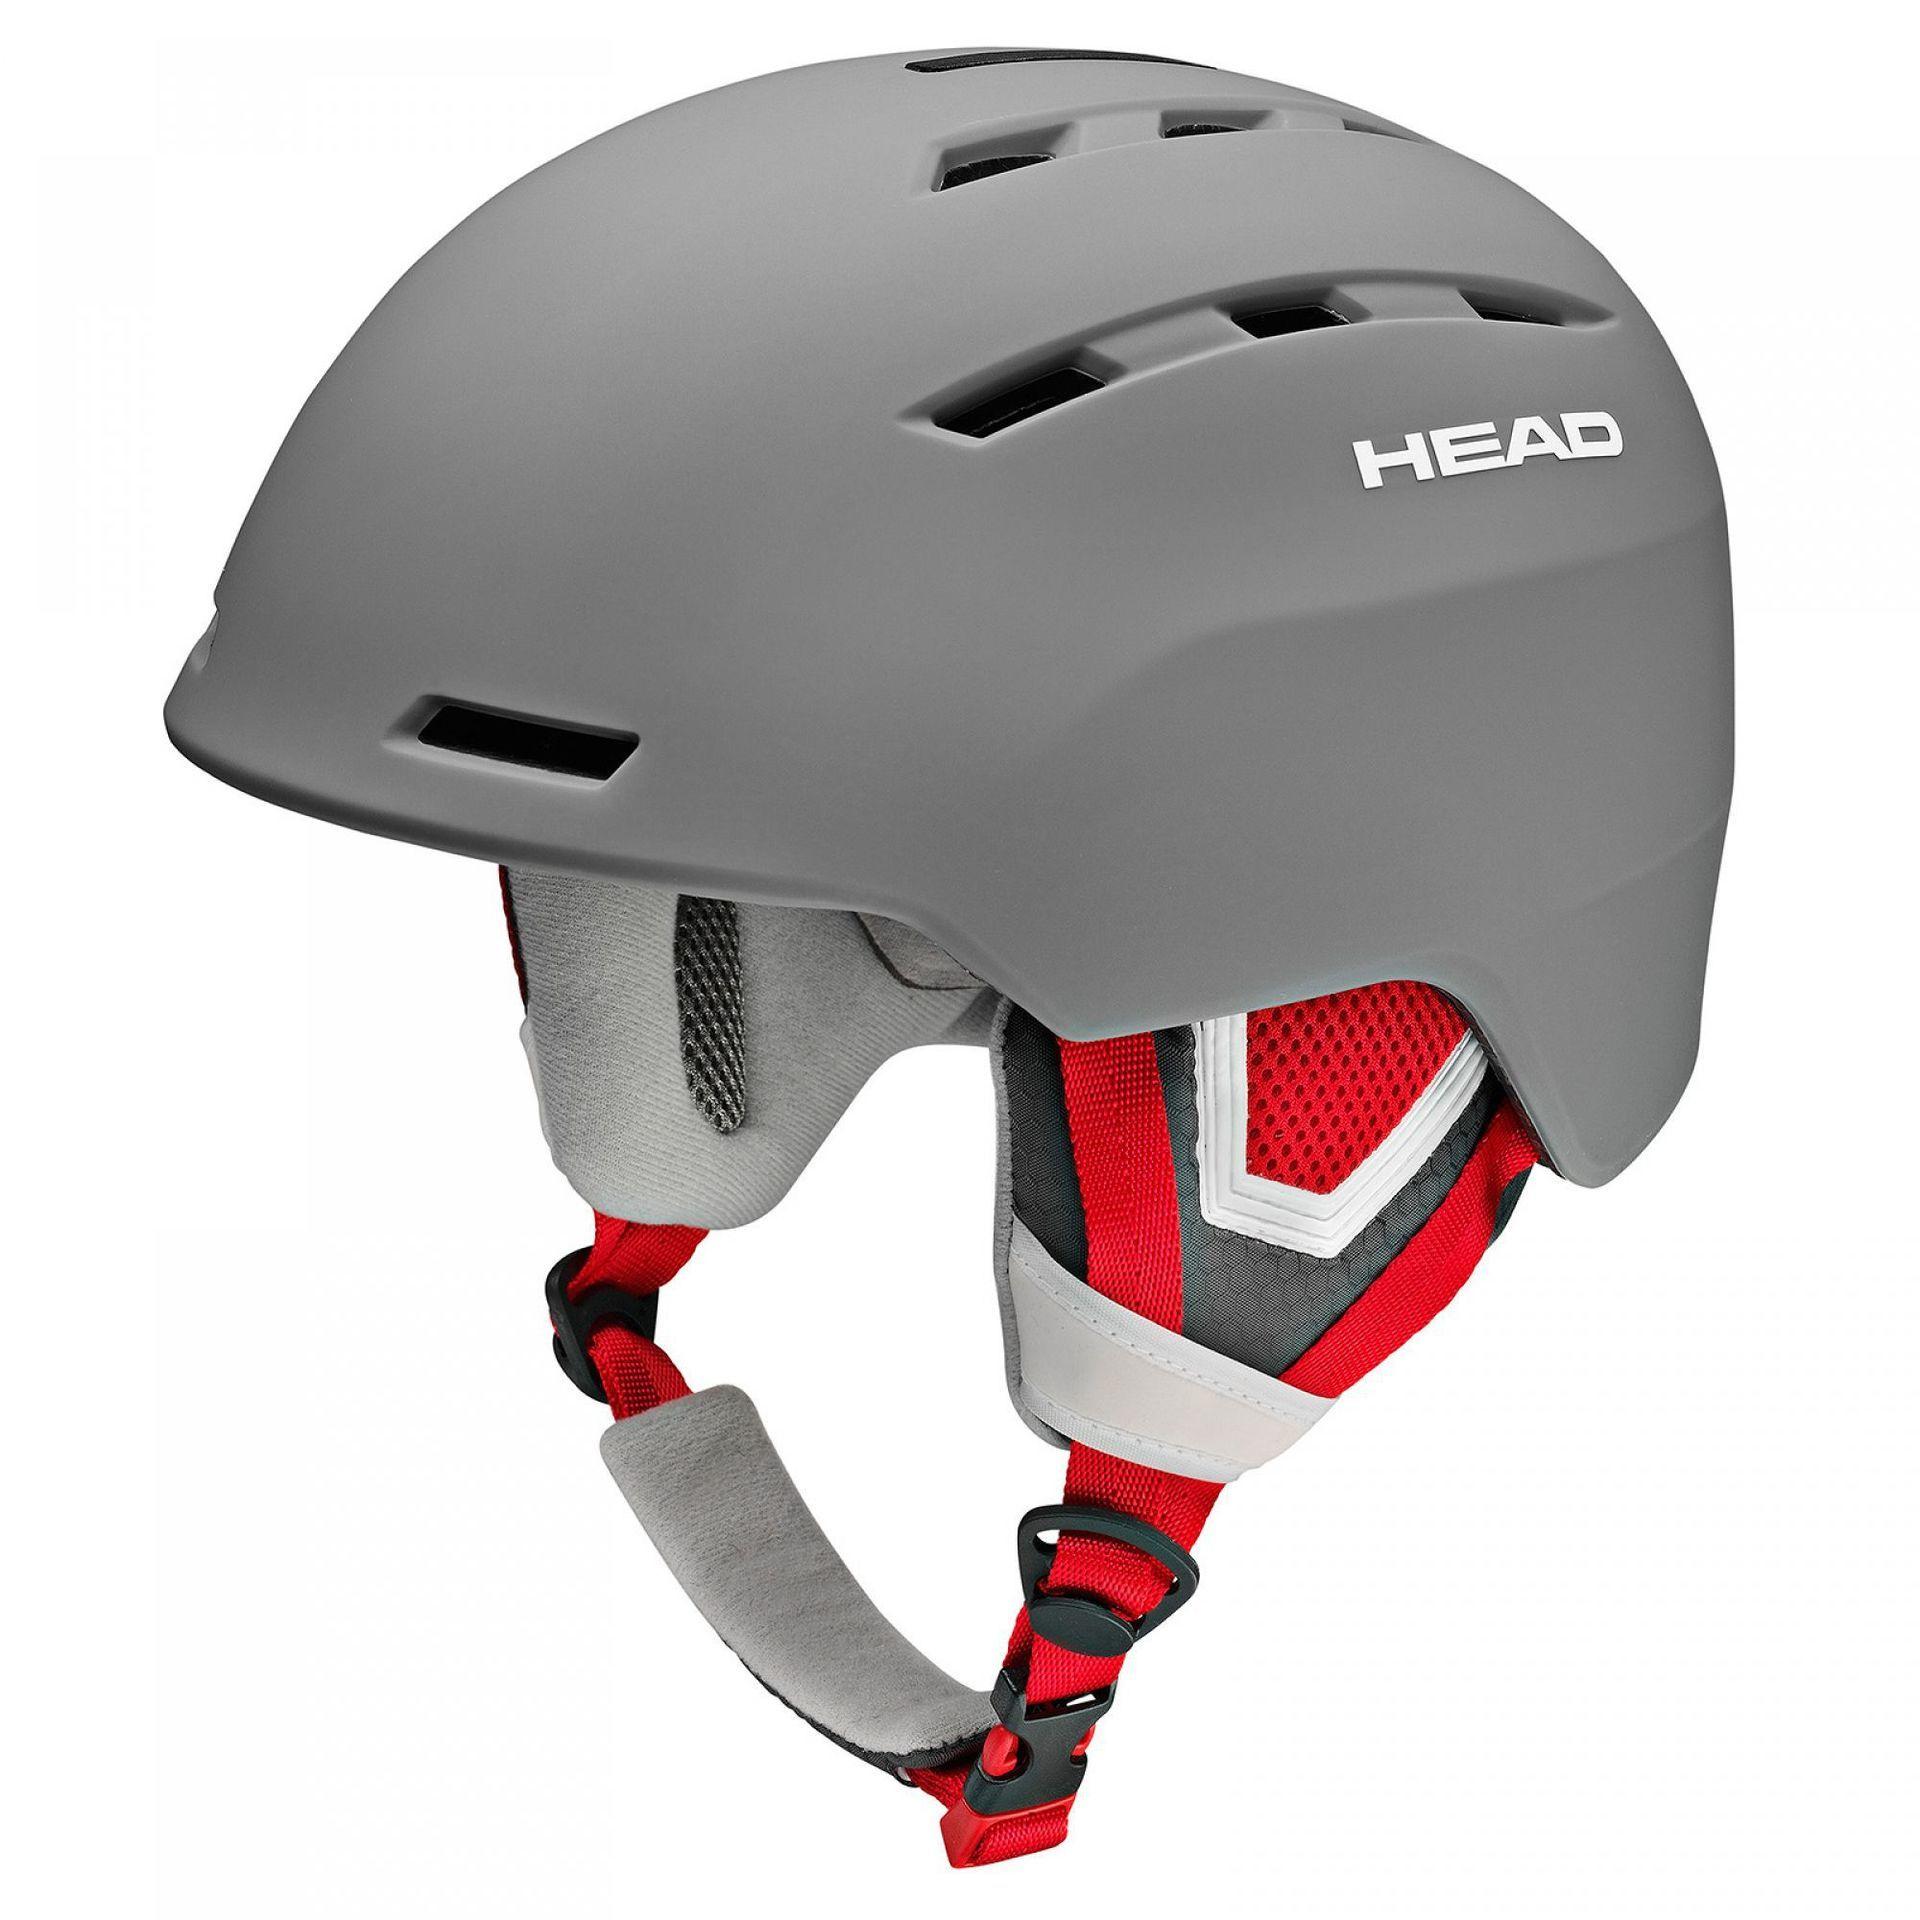 KASK HEAD VICO